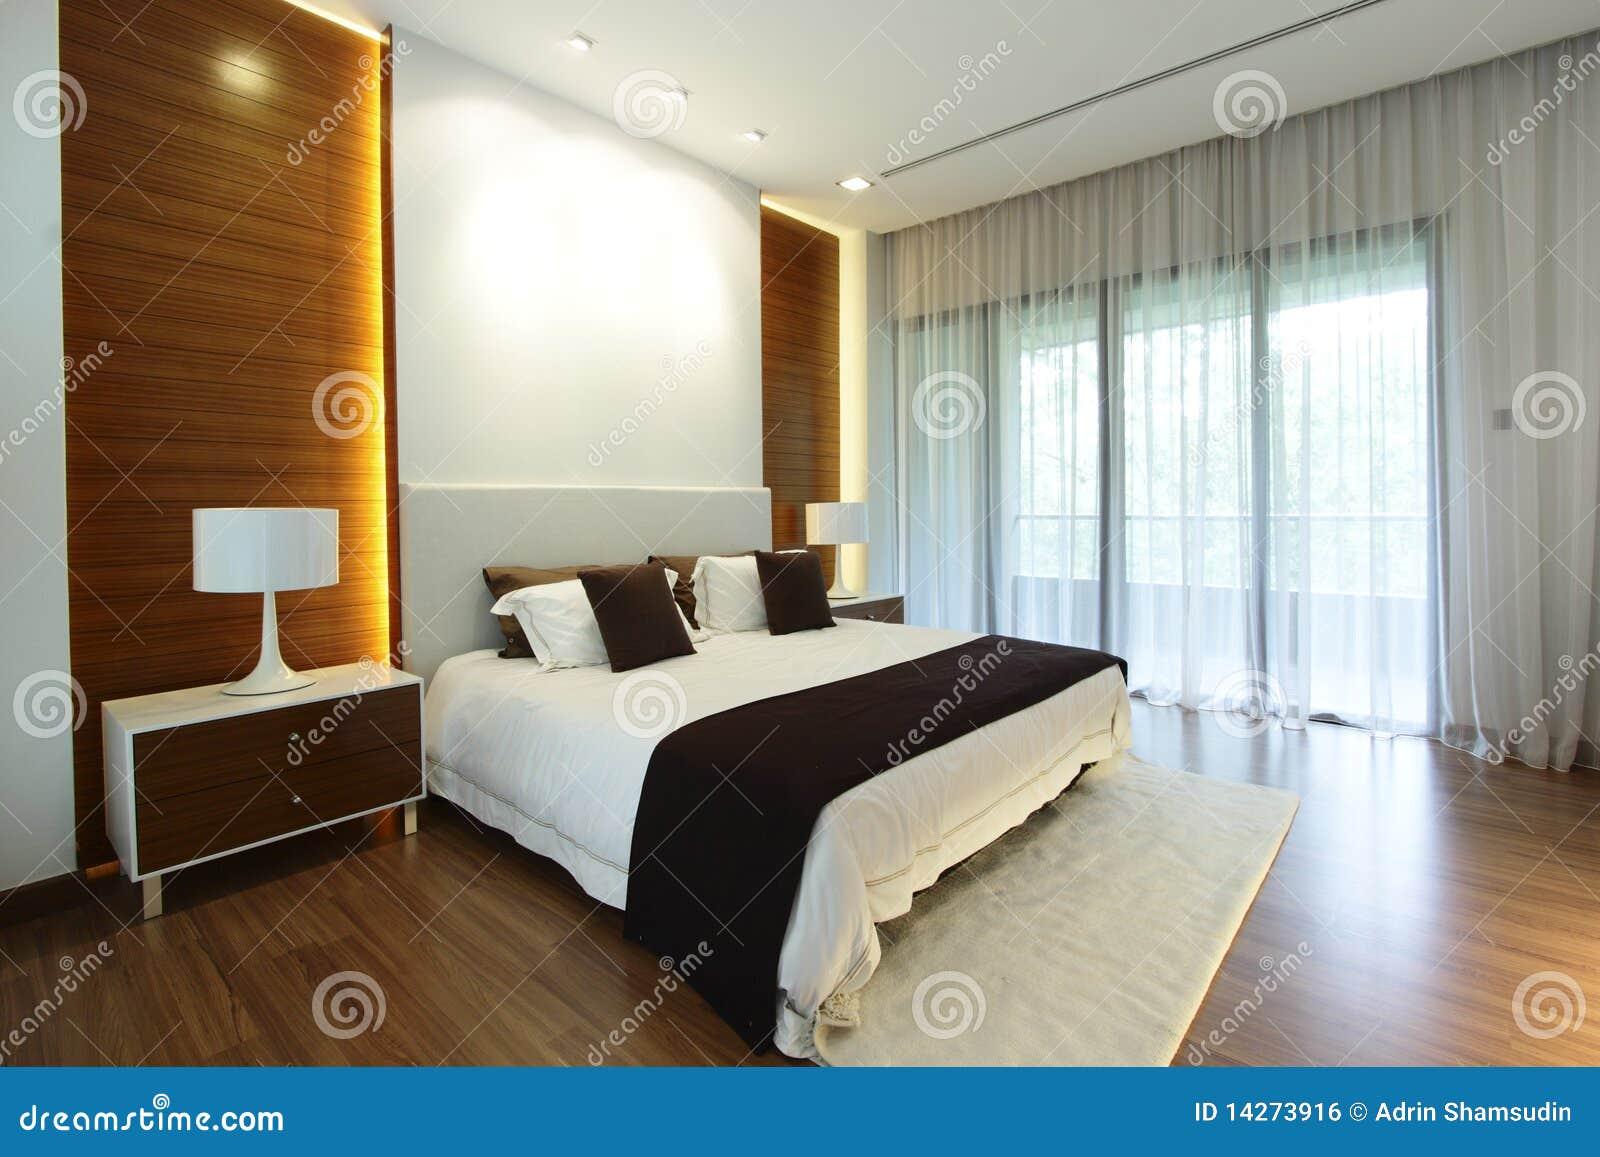 Afbeelding slaapkamer ~ [Spscents.com]